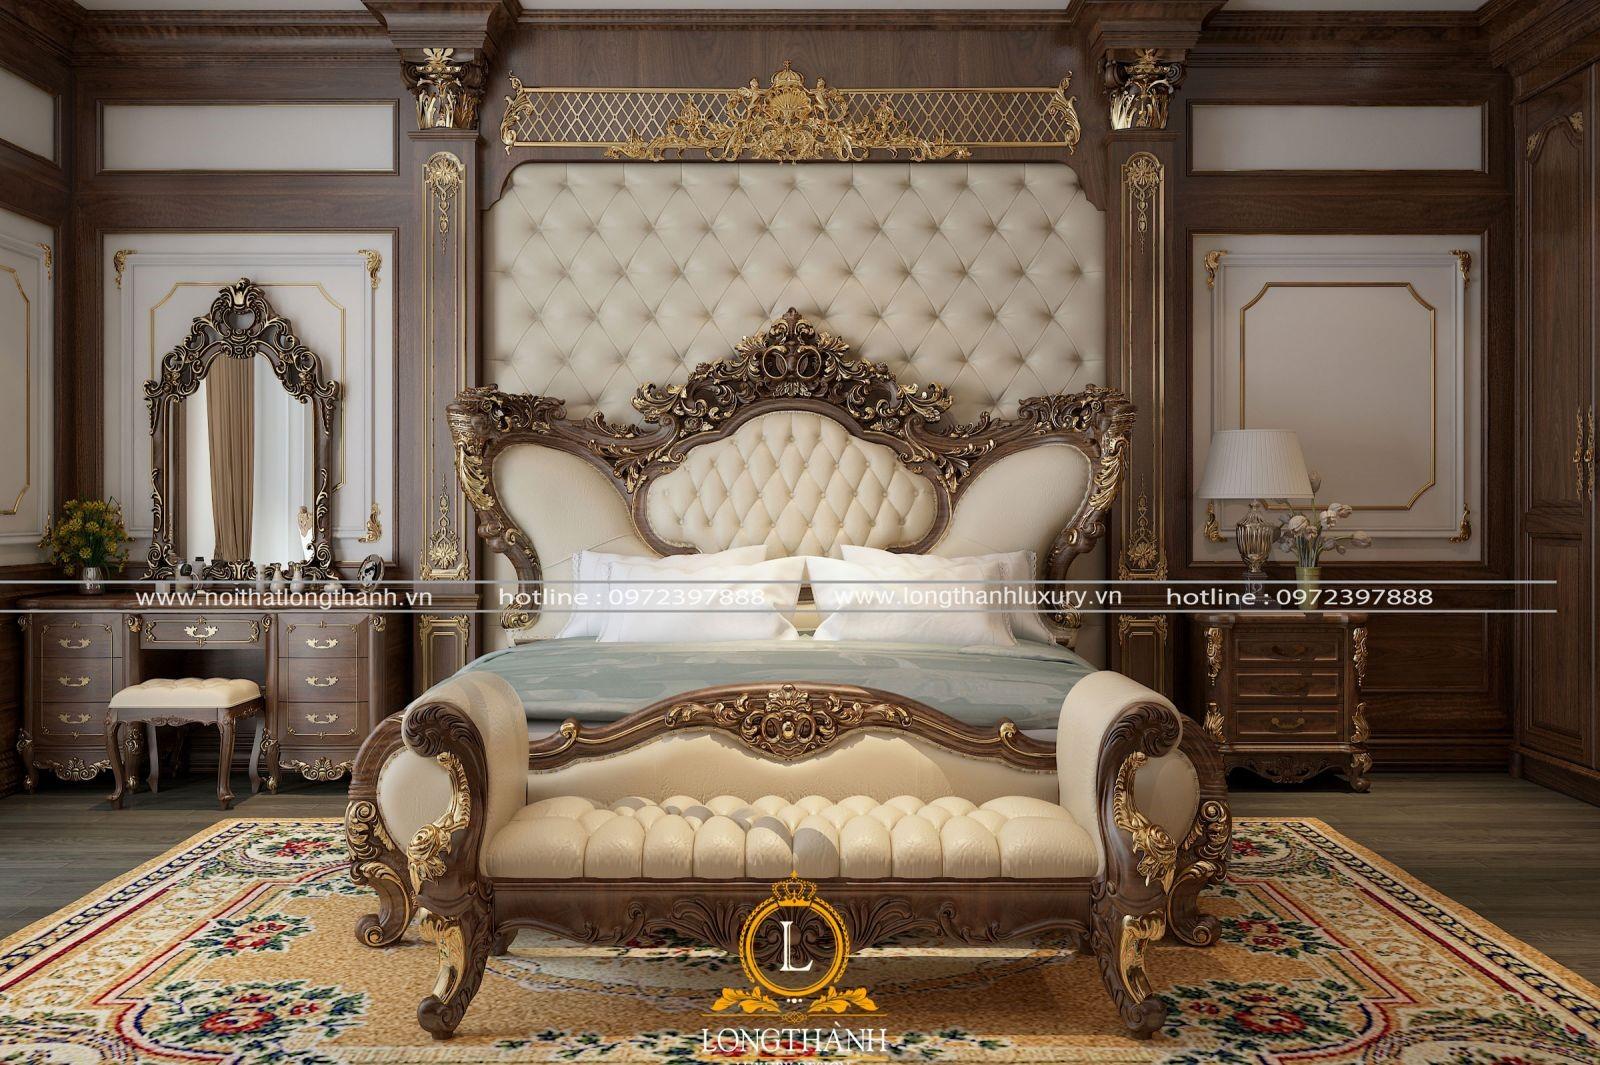 Nội thất Long Thành - Đơn vị TOP 1 về thiết kế & thi công phòng ngủ cao cấp